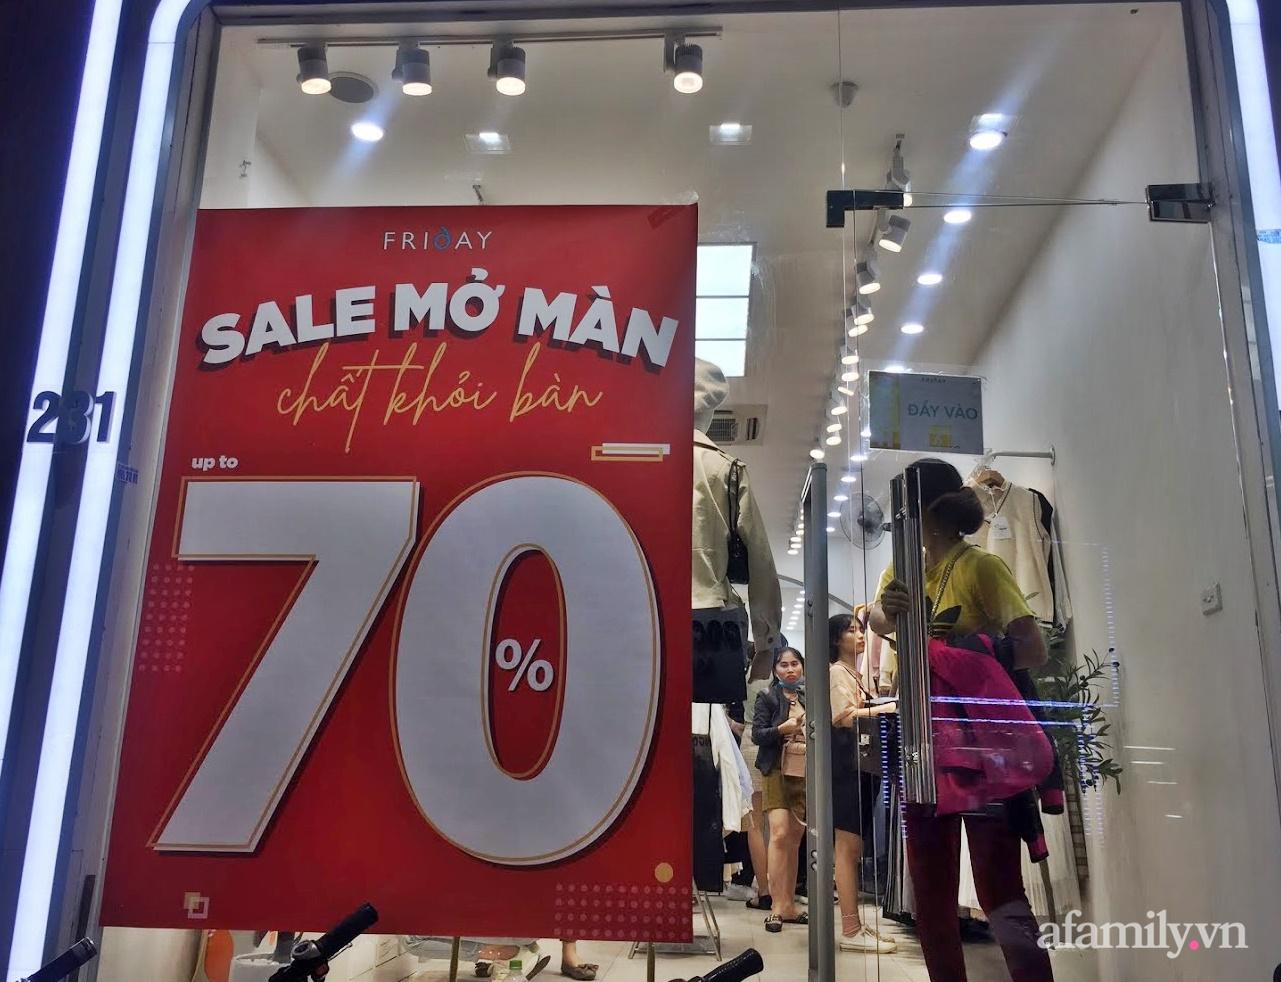 Hà Nội: Phố thời trang rợp biển giảm giá 80% trước ngày mua sắm Black Friday - Ảnh 8.